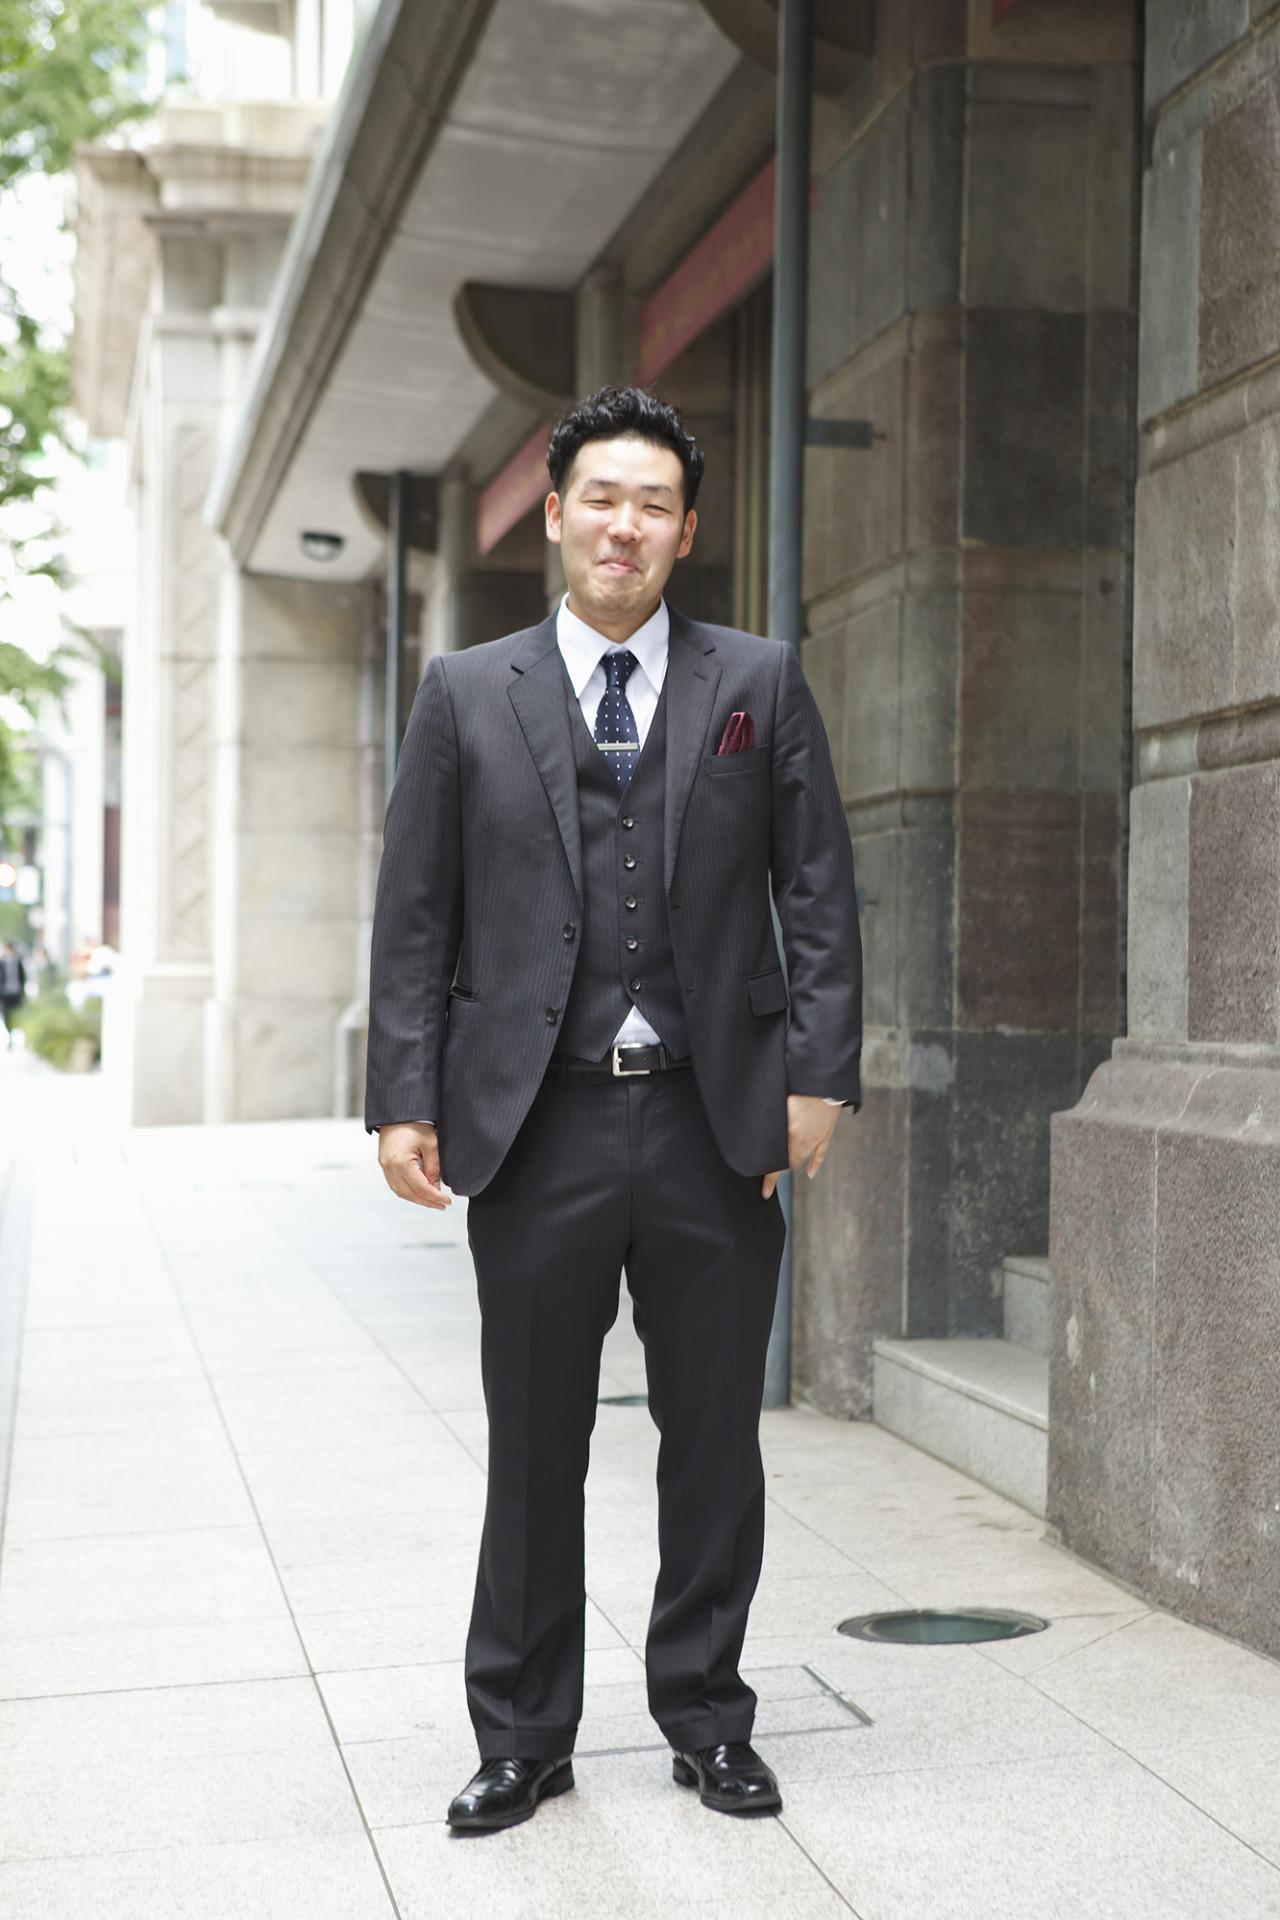 56e7f1361b98f T.S様. 30代  アルテリーベ横浜本店  ゲスト  スーツ  男性  結婚式・結婚パーティ ...